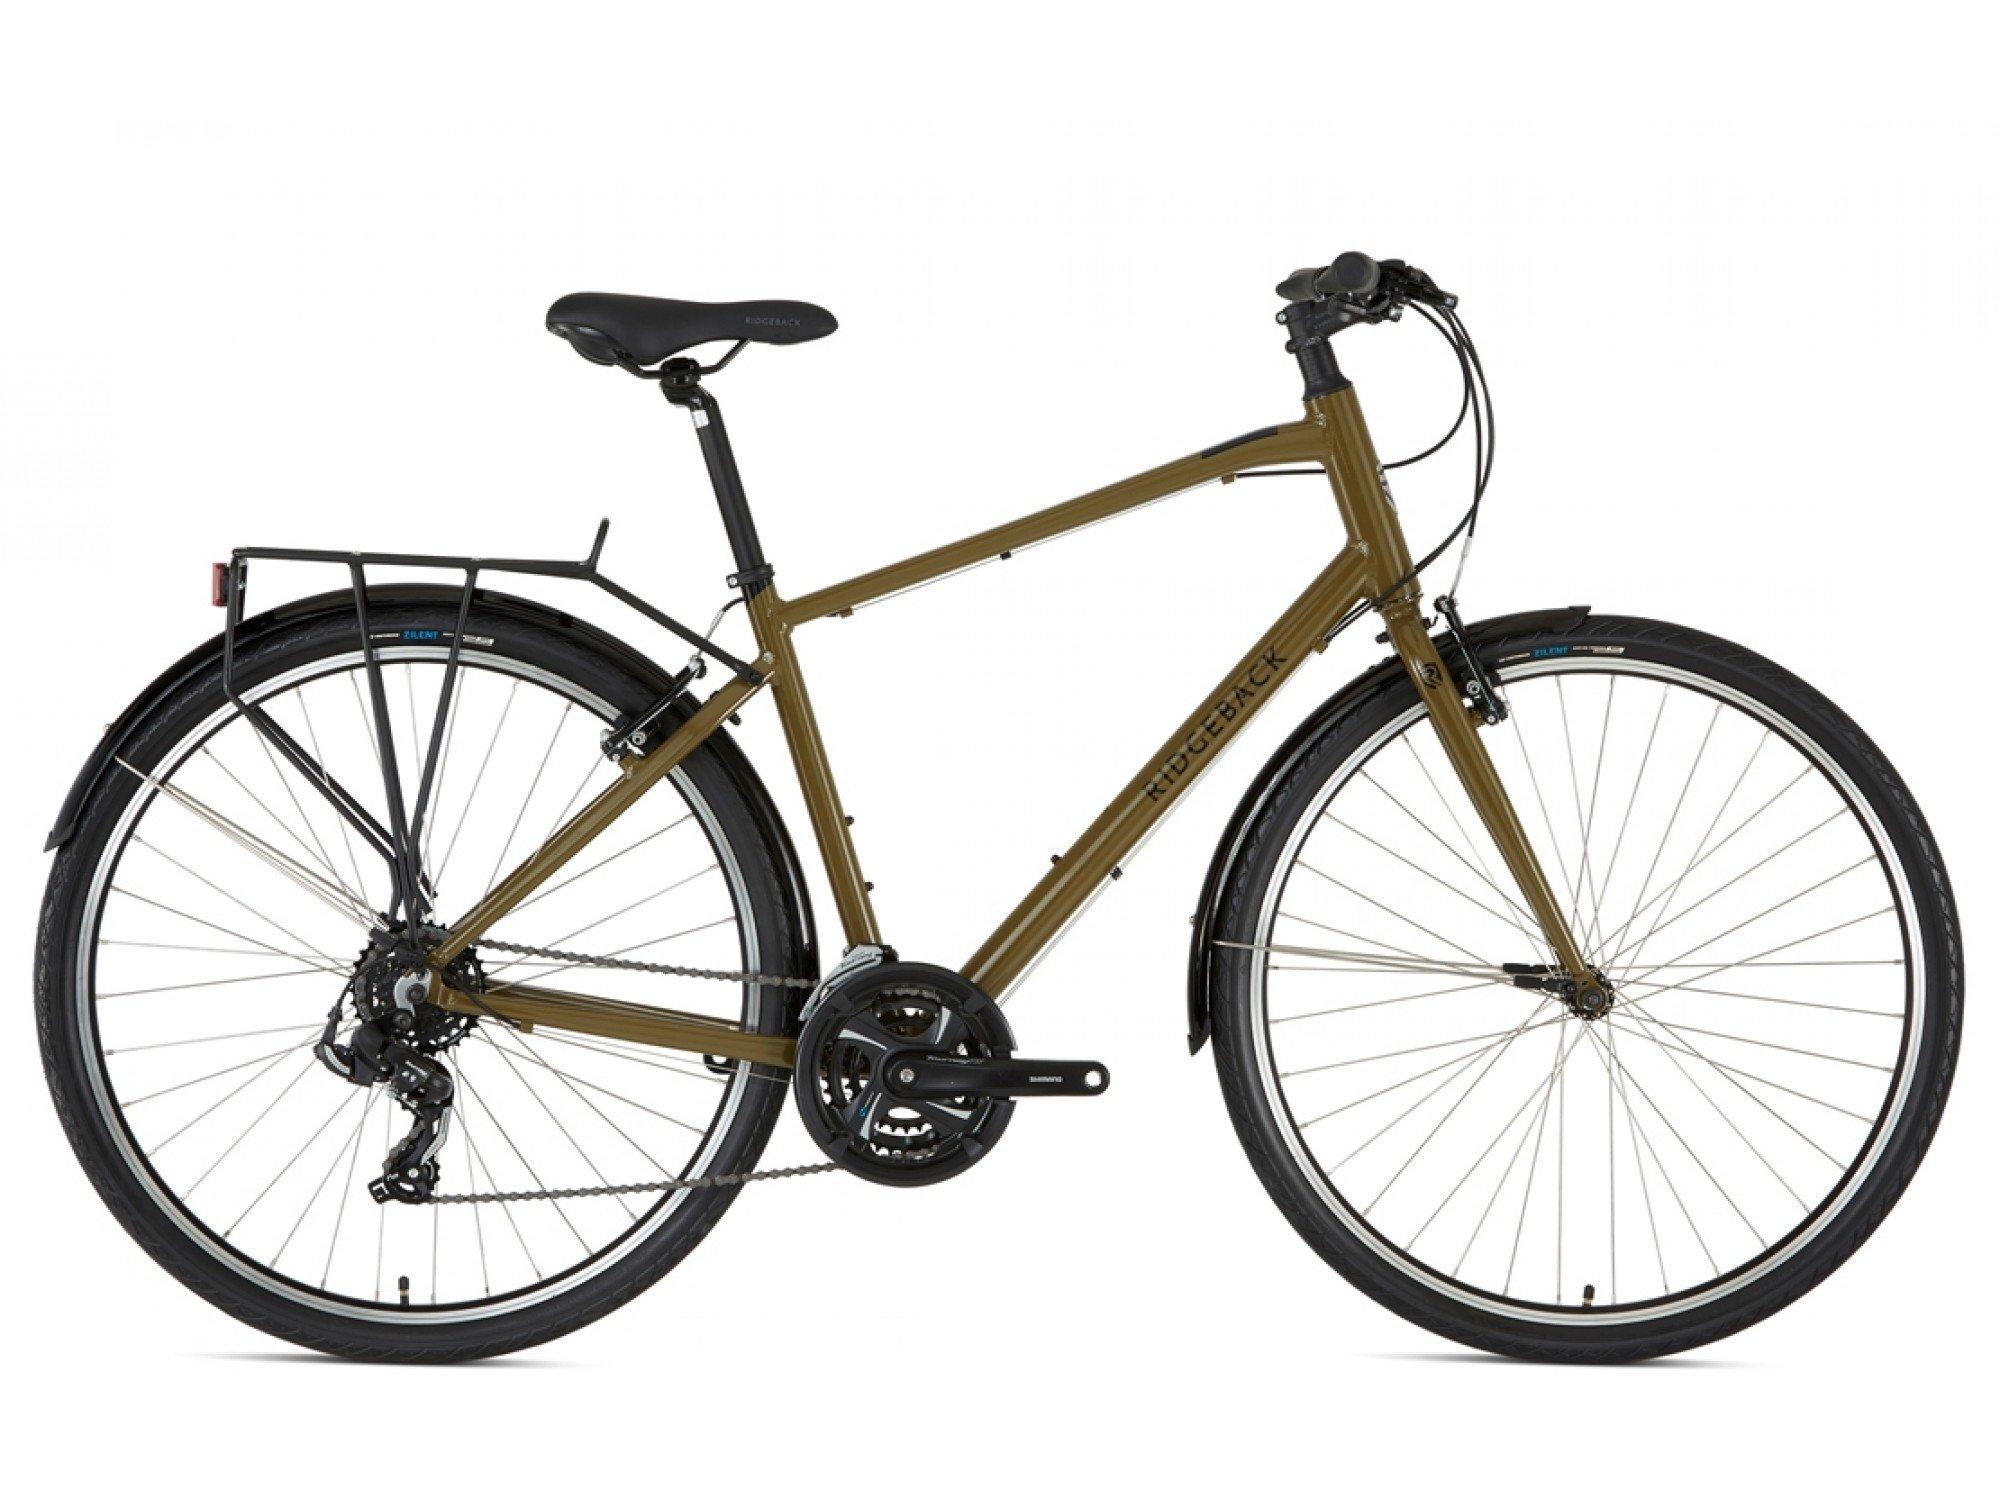 Fast hybrid bikes | Top picks for 2019 & 2020